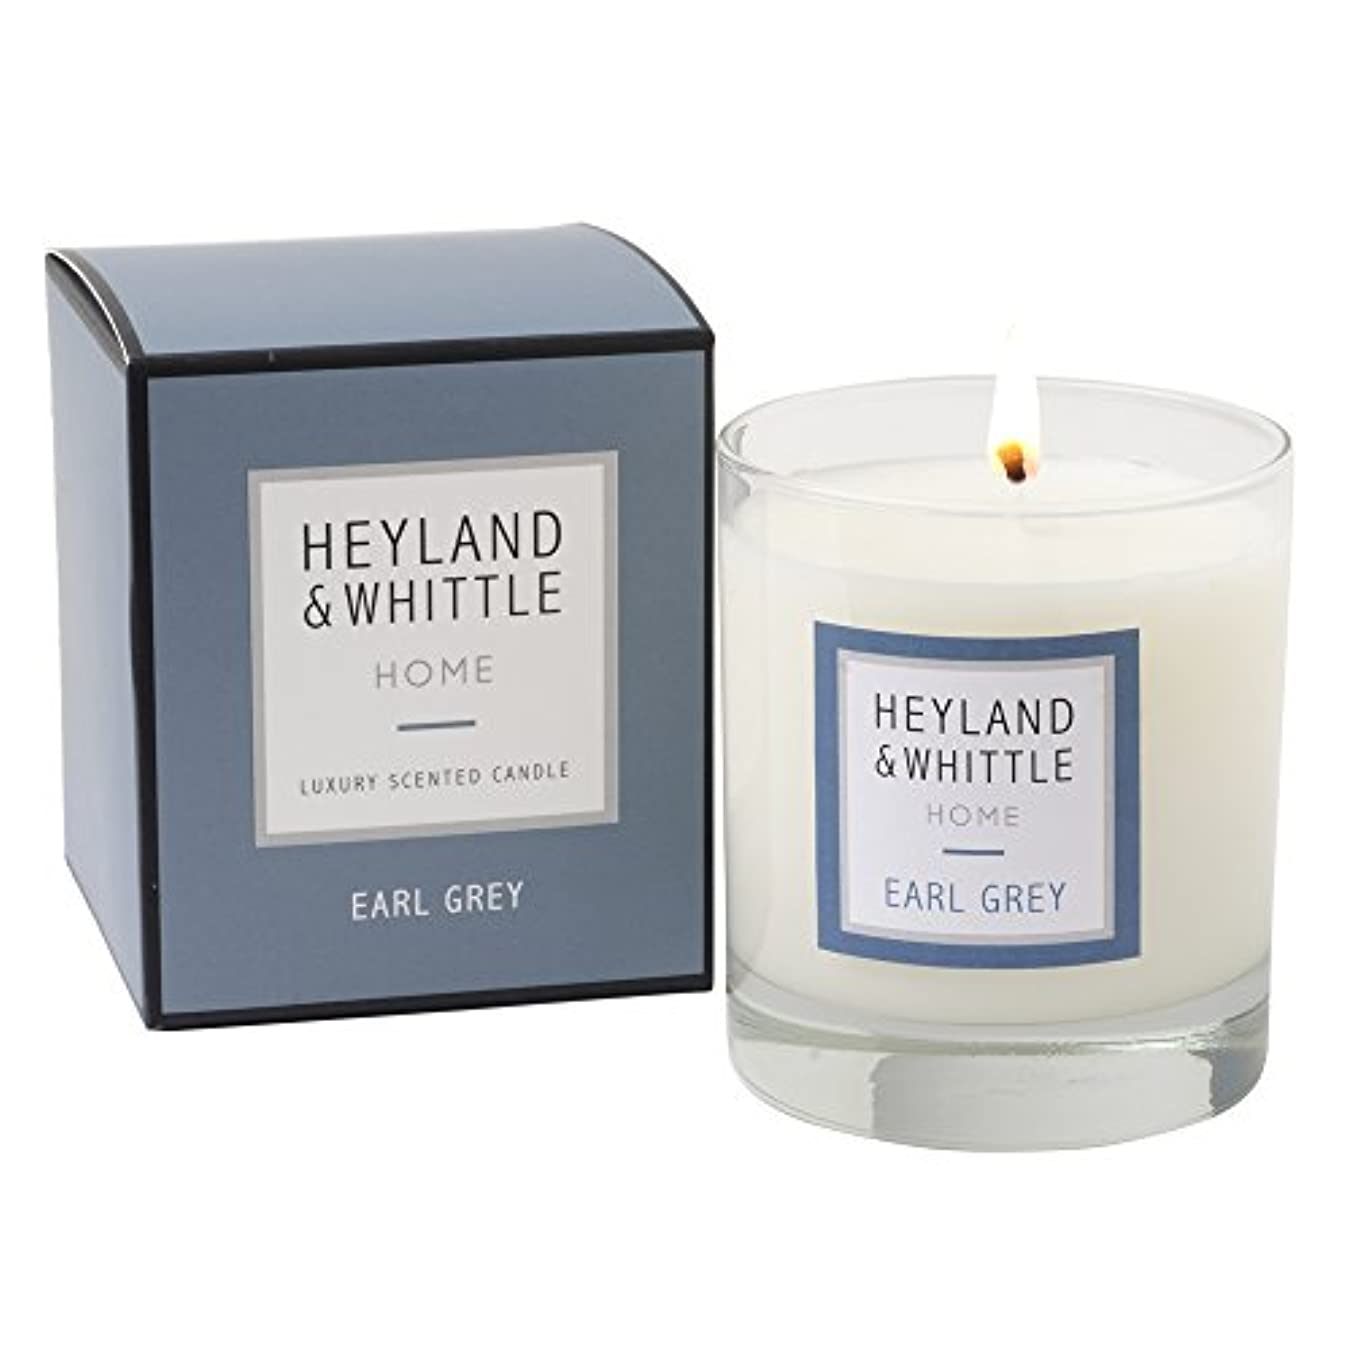 電気の全部神Heyland & Whittle ' HOME '範囲Earl Grey香りつきSoy Candle in aガラスby Heyland & Whittle